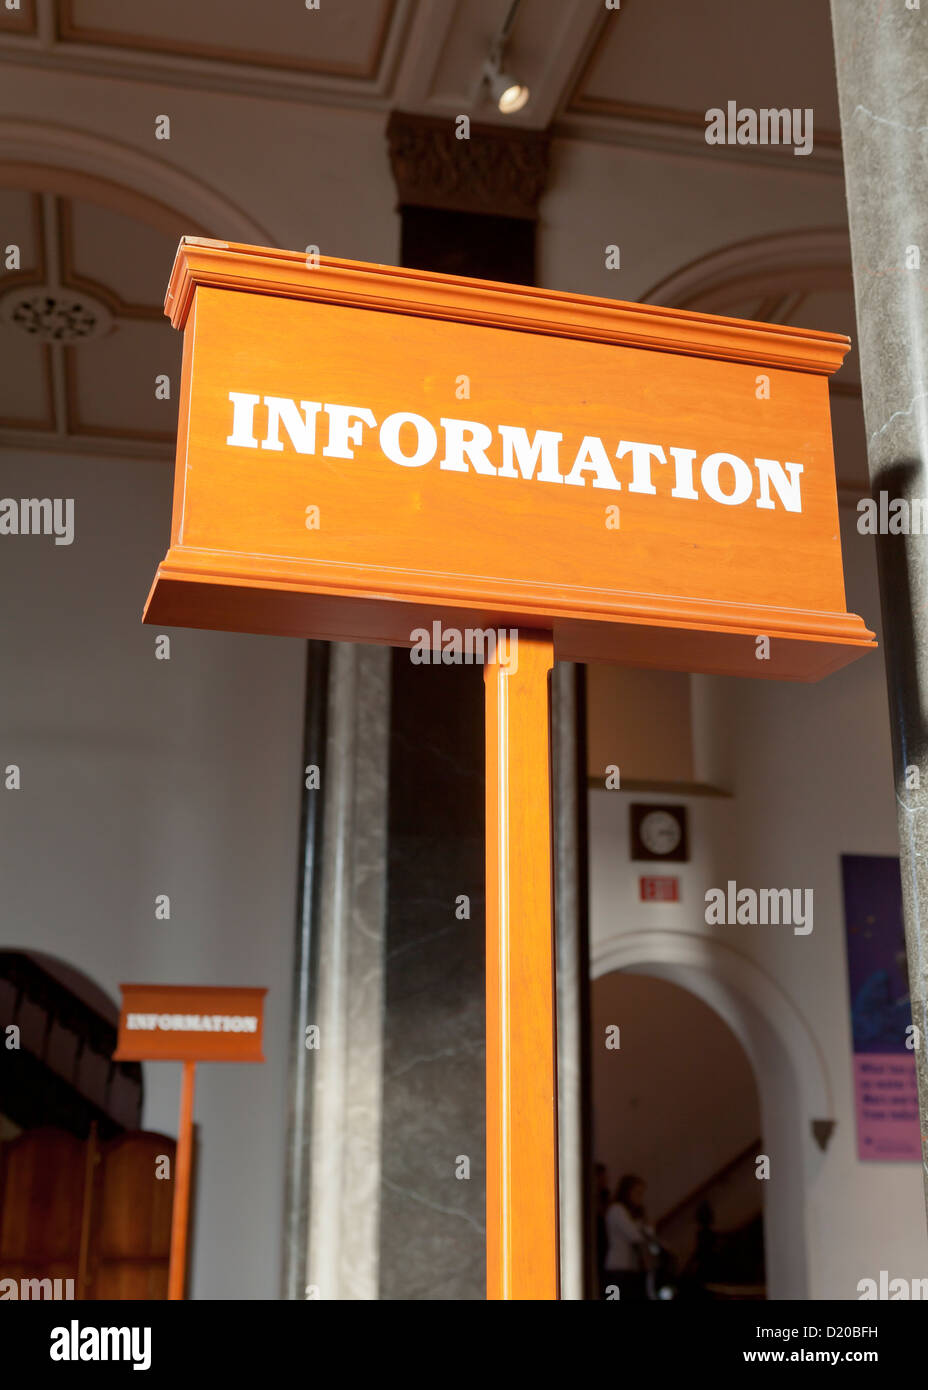 Information desk sign - Stock Image